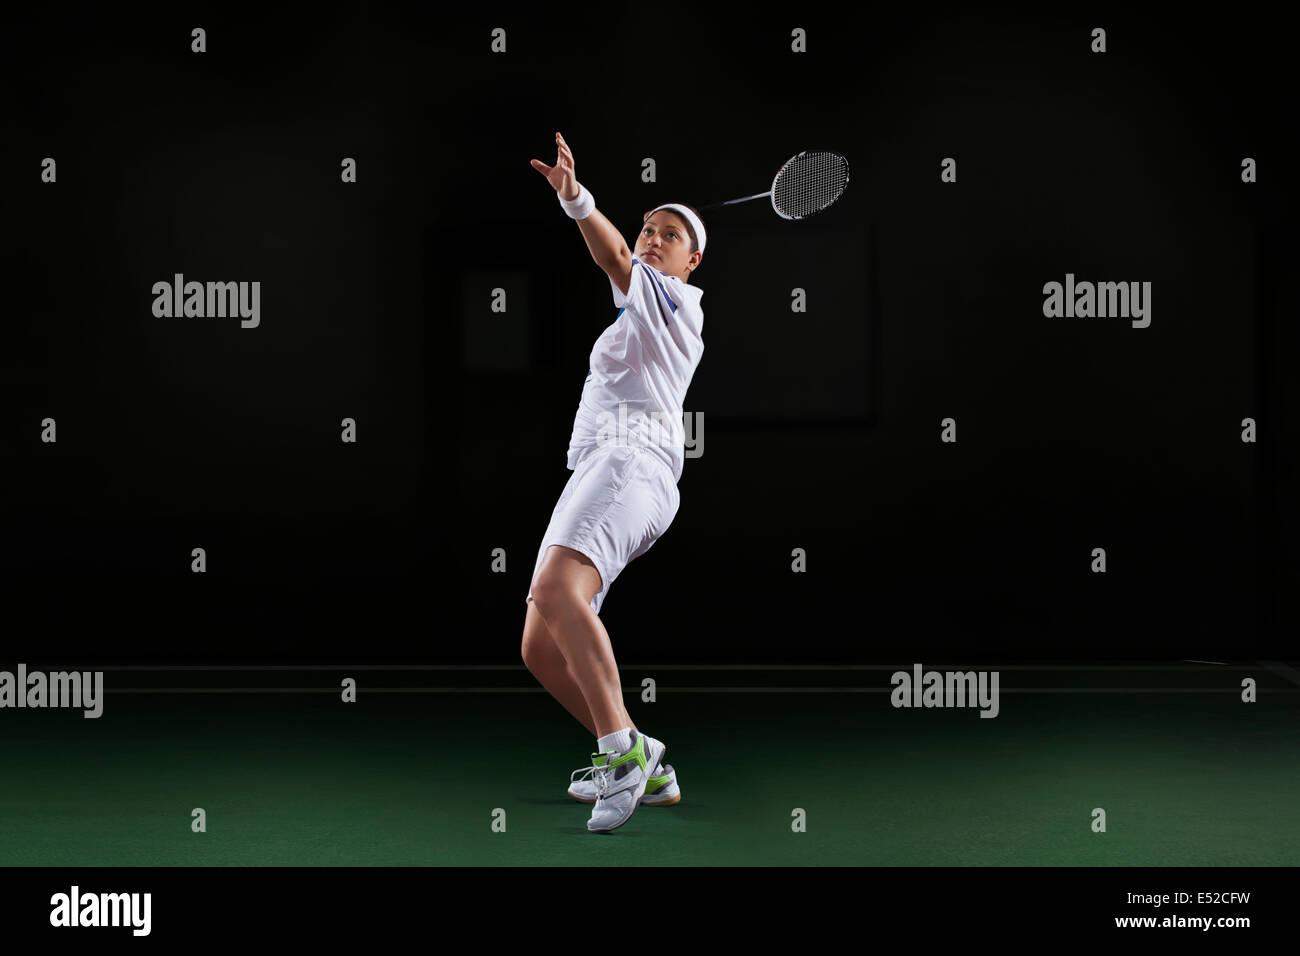 Vista laterale della giovane donna in abbigliamento sportivo giocando badminton isolate su sfondo nero Immagini Stock